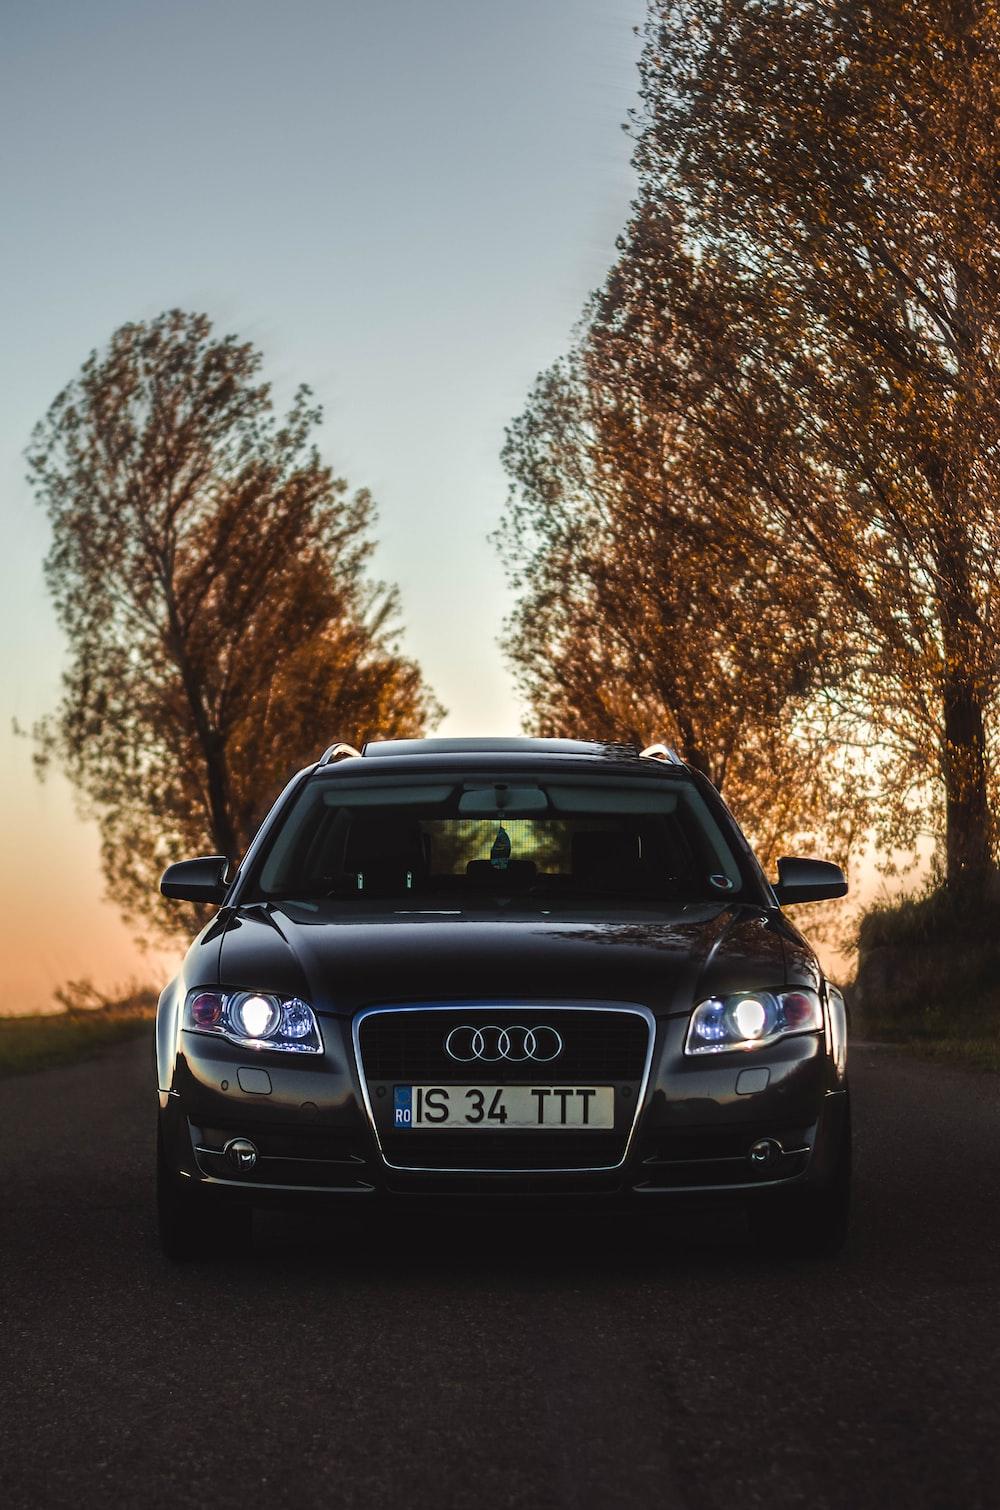 black Audi A4 3.2 Quattro during golden hour